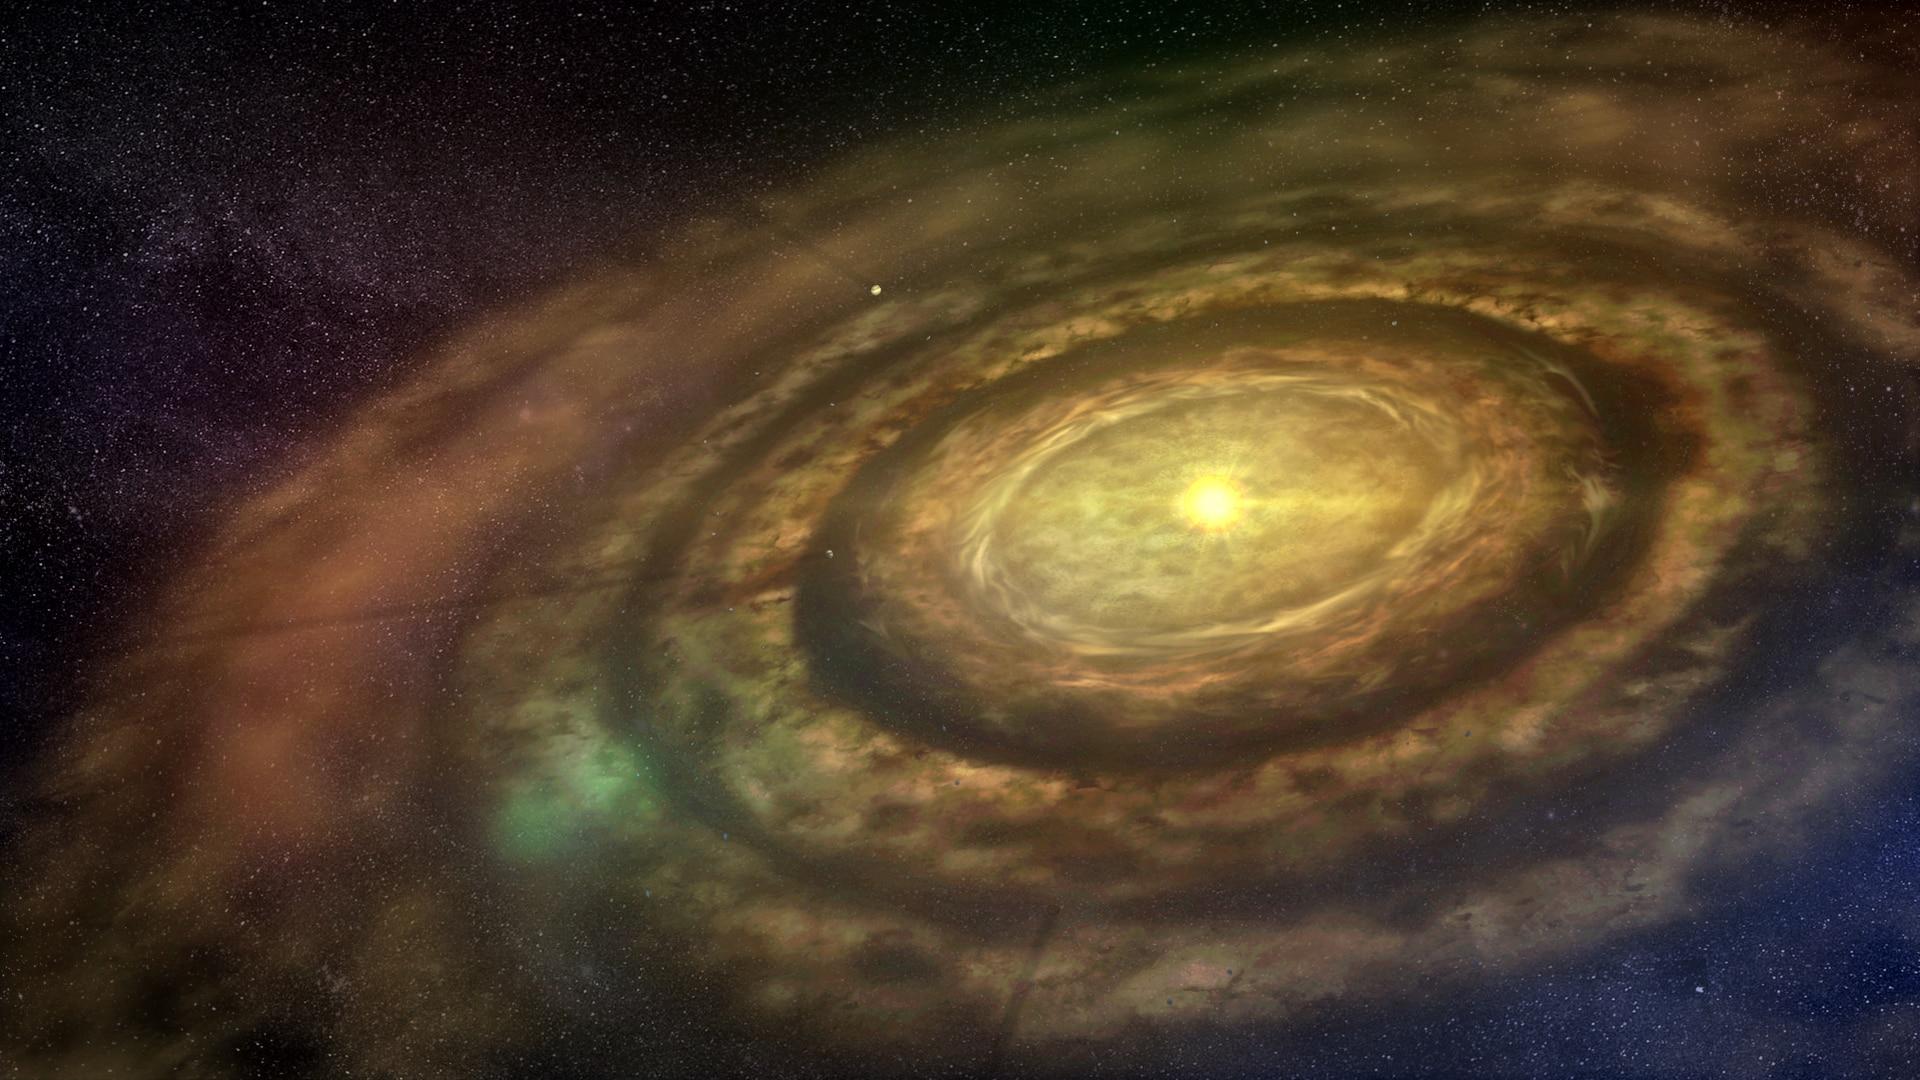 kepler20120613-full_protostar_protoplanetary_disc_NASA.jpg